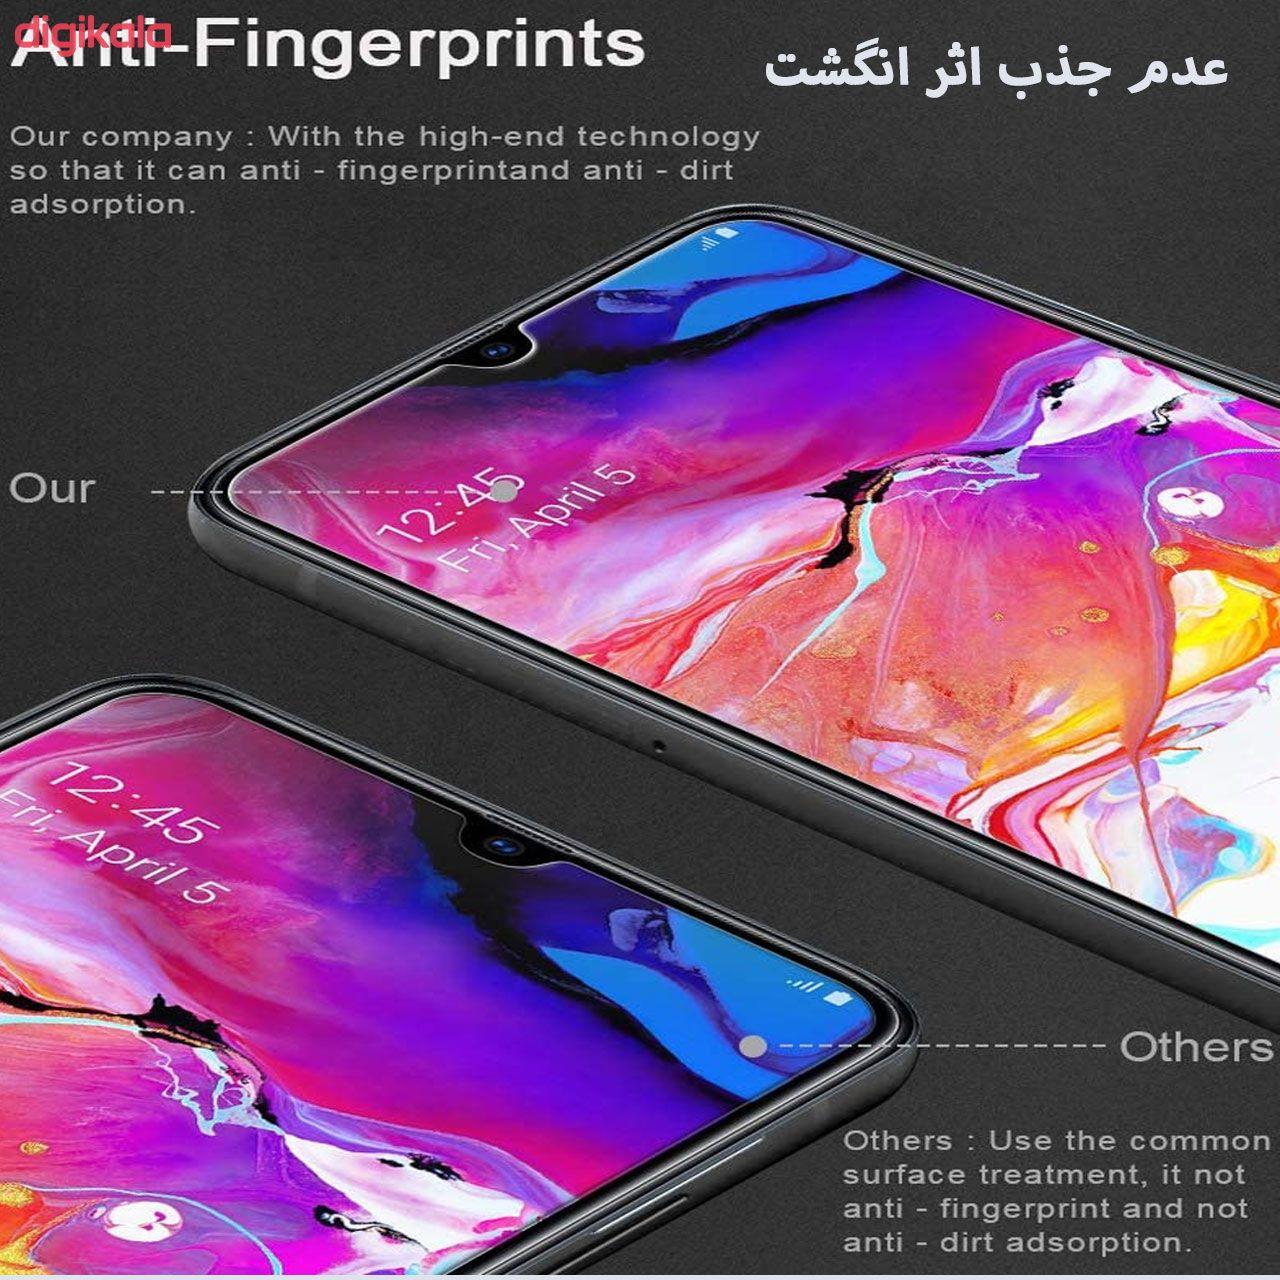 محافظ صفحه نمایش هورس مدل UCC مناسب برای گوشی موبایل سامسونگ Galaxy A70 بسته دو عددی main 1 6